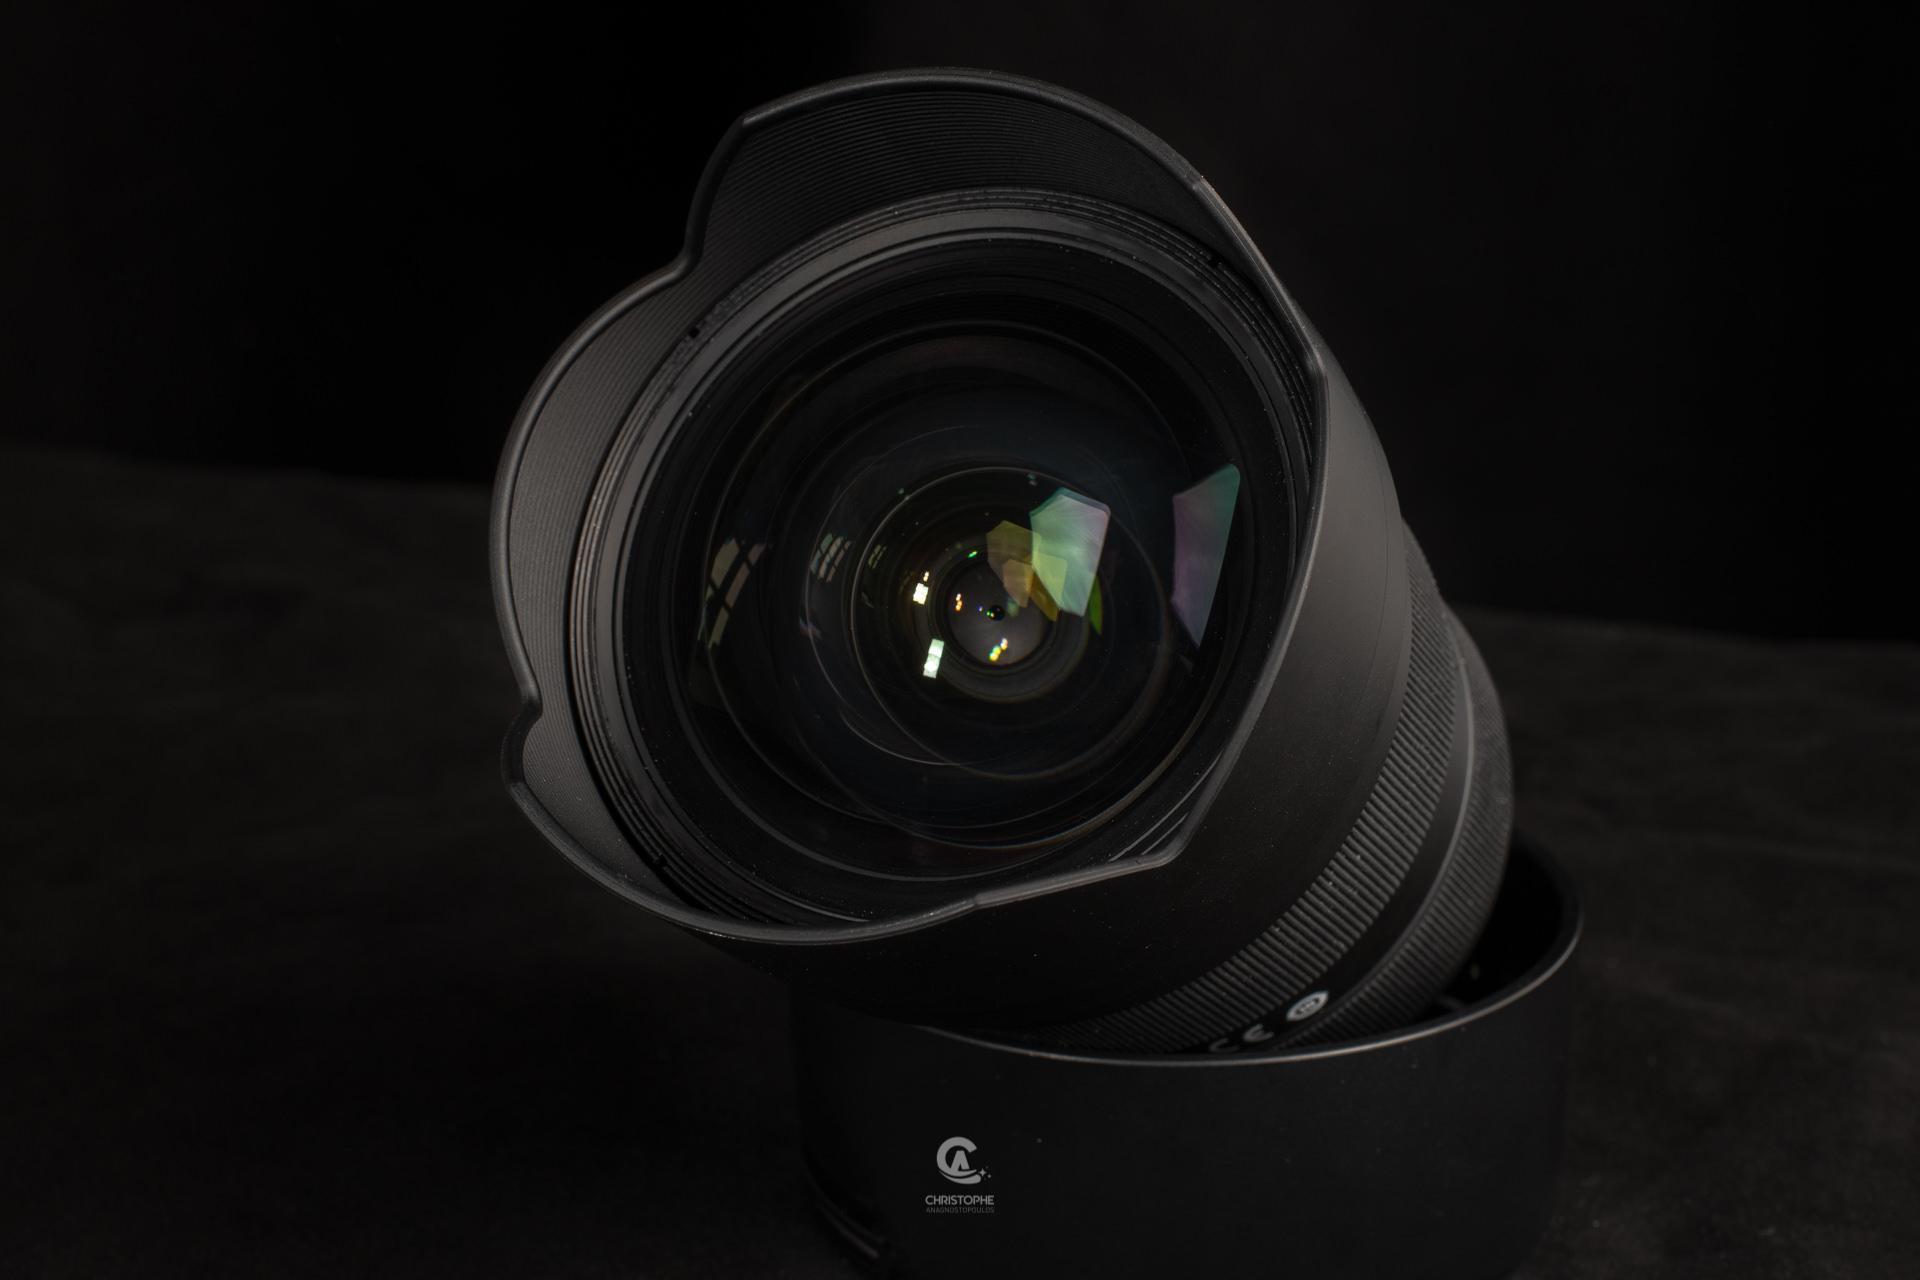 Lens @ 28mm